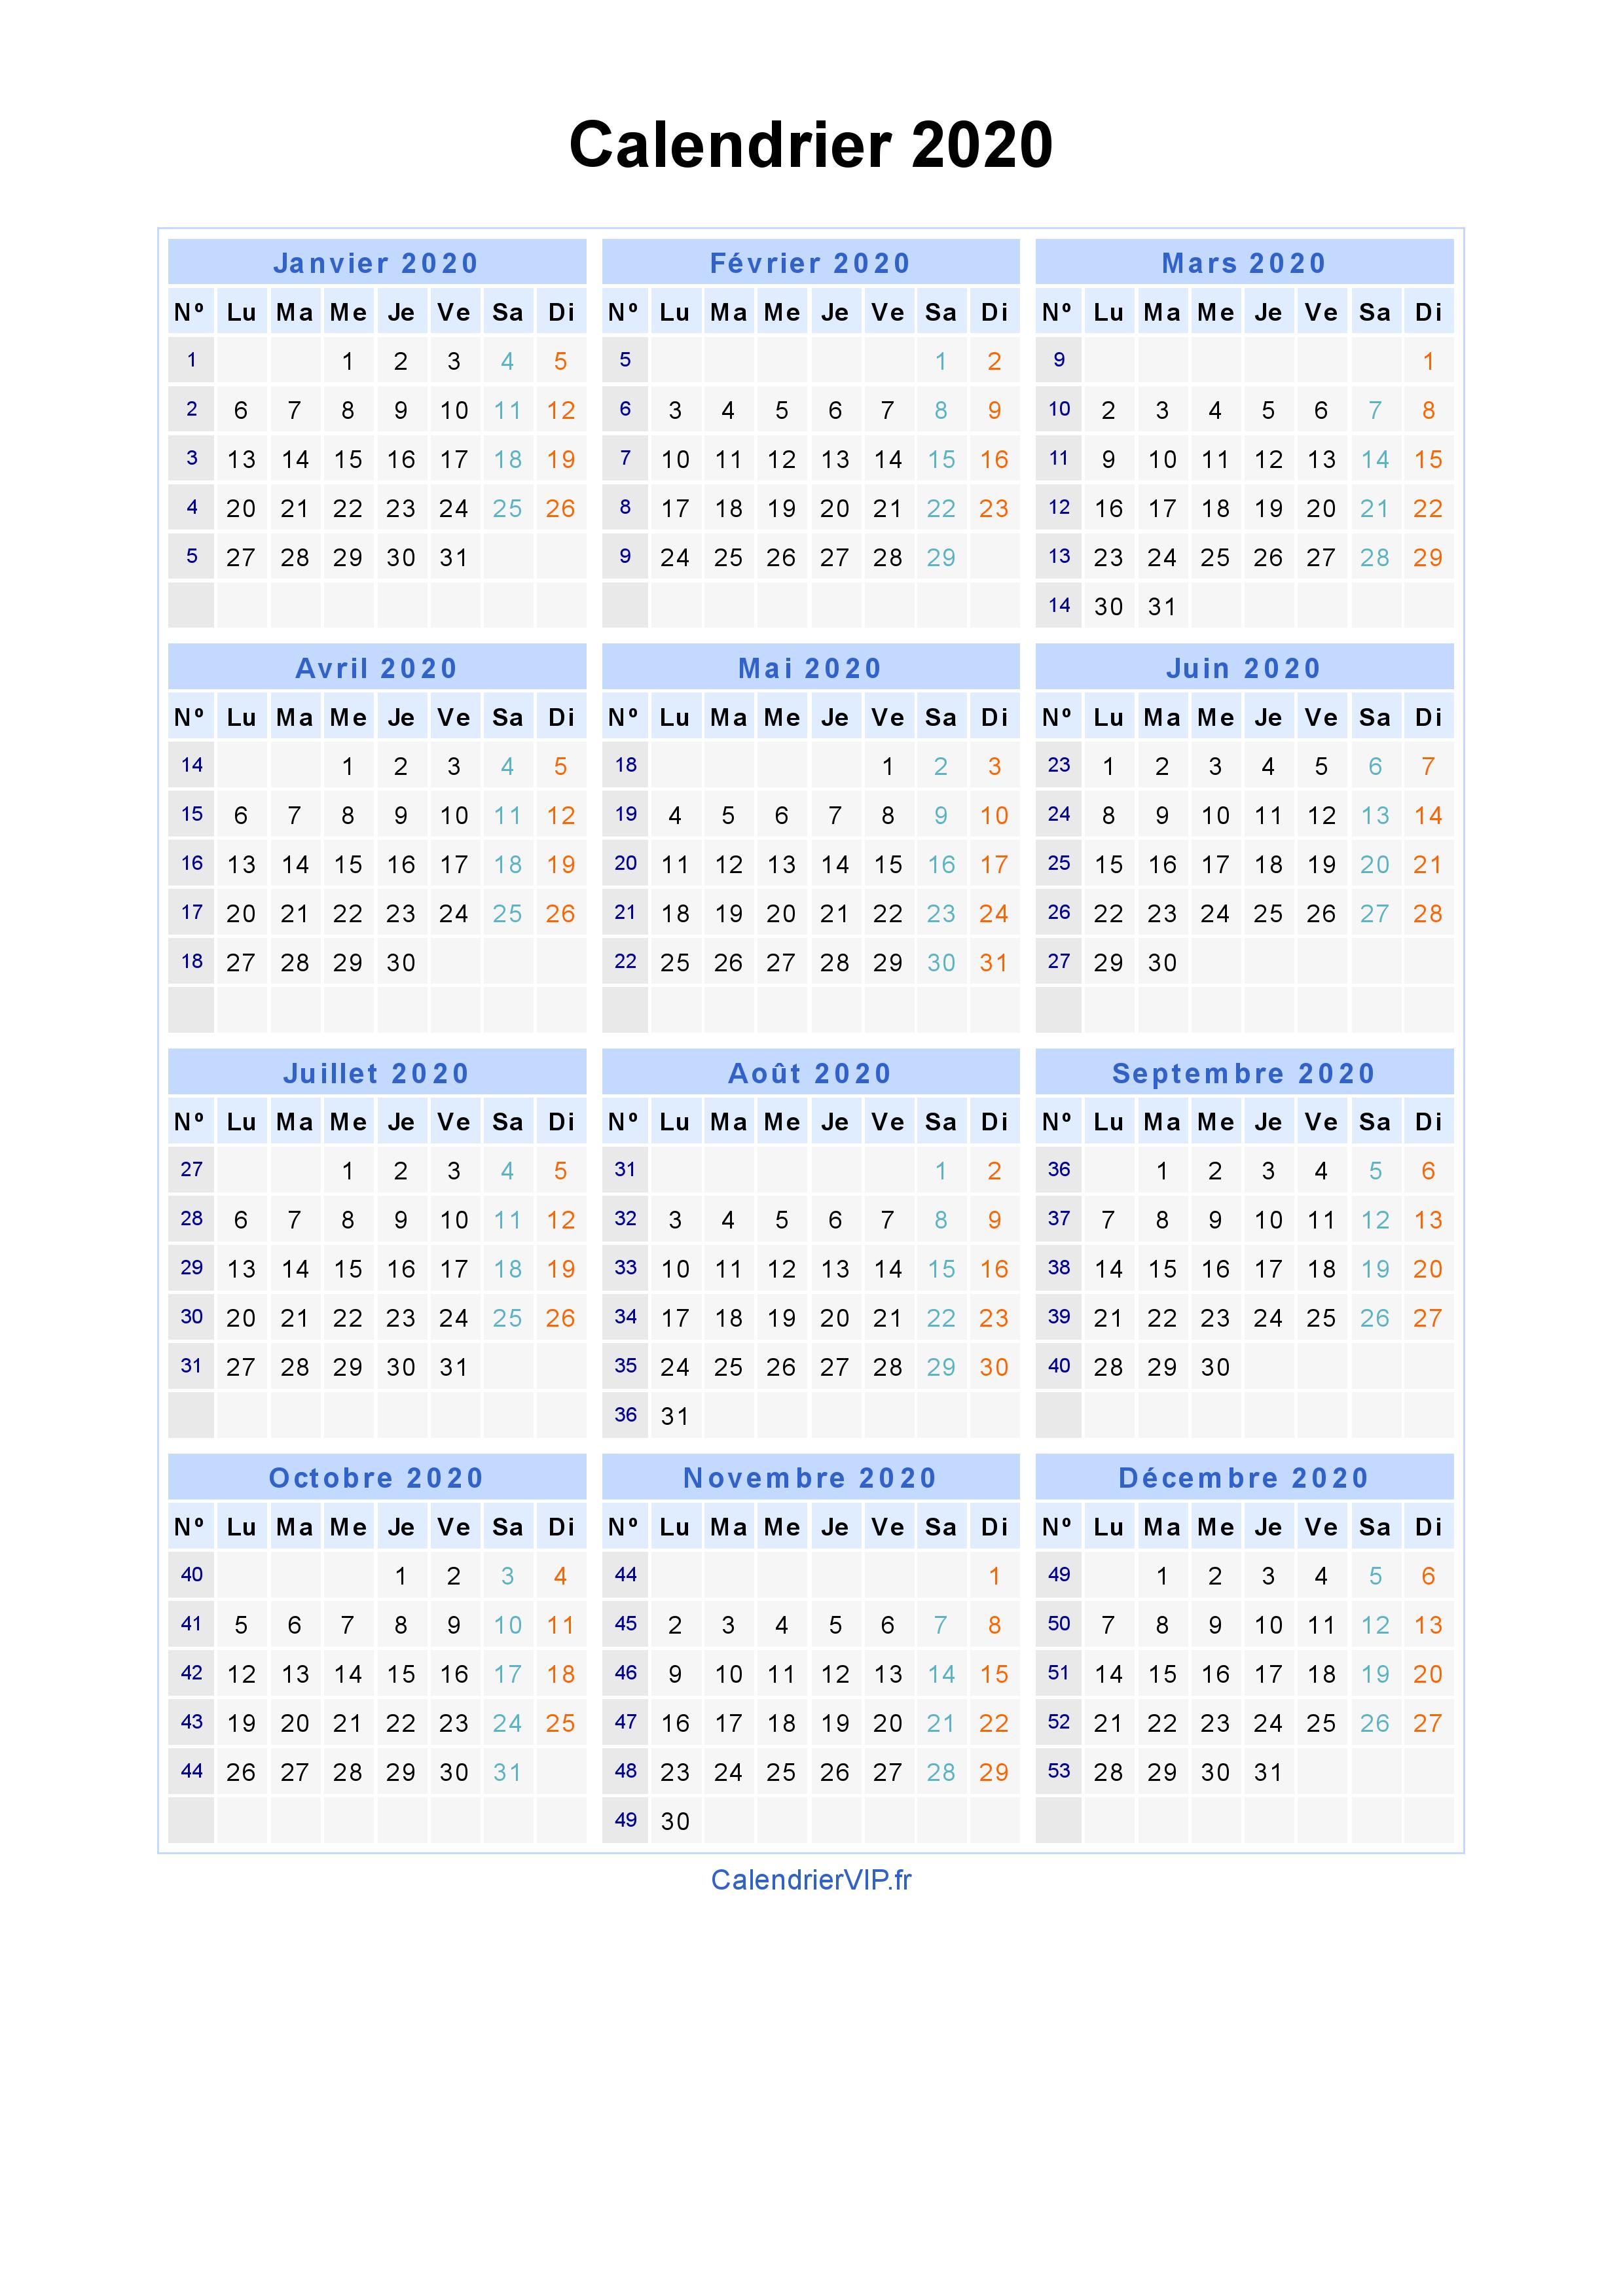 Calendrier 2020 Avec Jour Ferie.Calendrier 2020 A Imprimer Gratuit En Pdf Et Excel